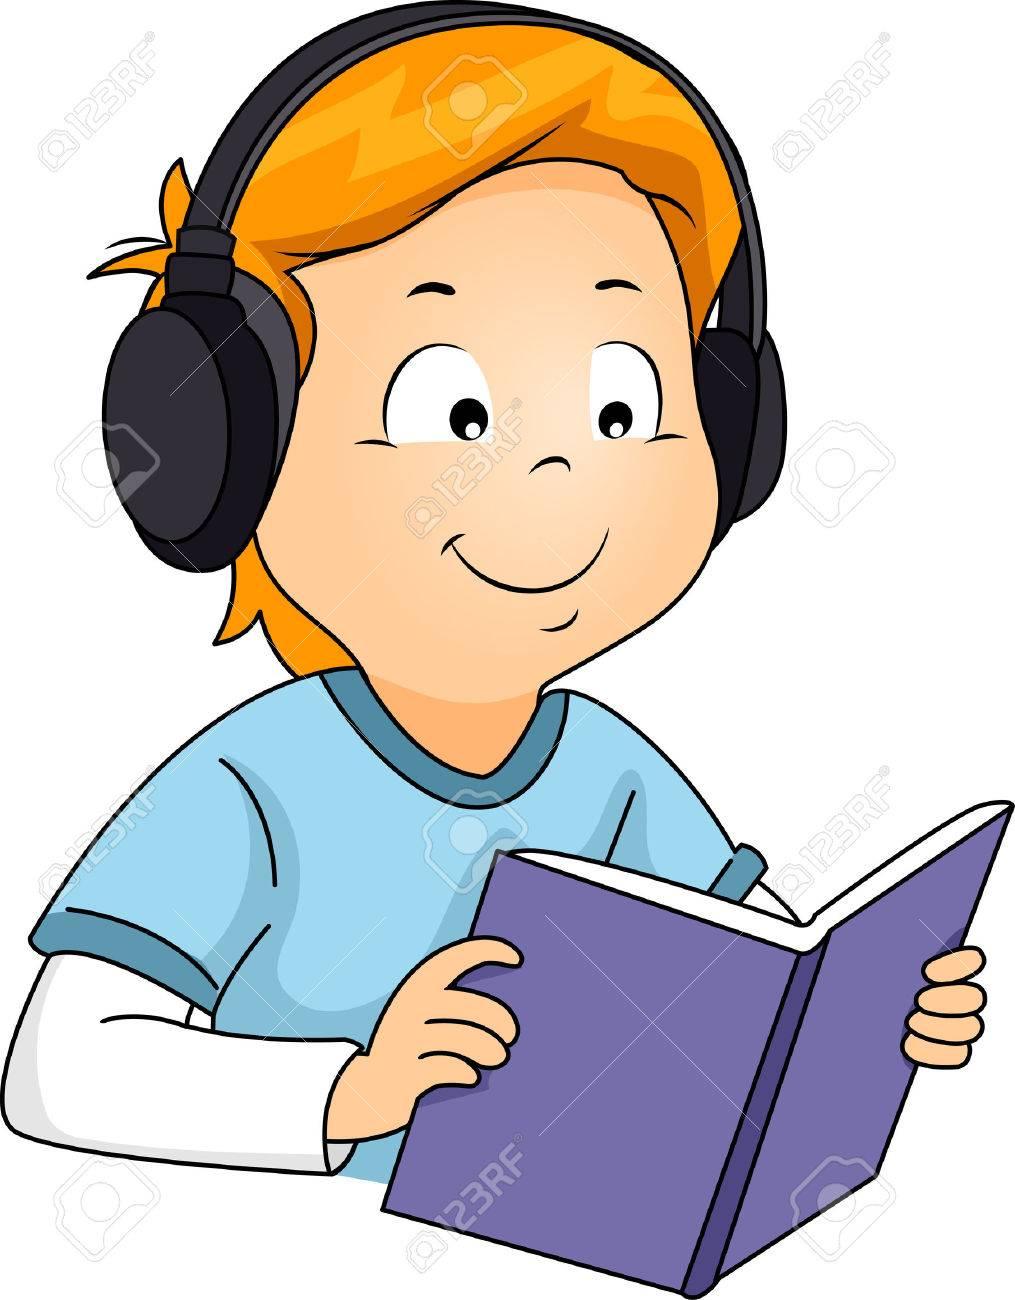 本を読みながら音声を聞く少年のイラスト ロイヤリティーフリーフォト